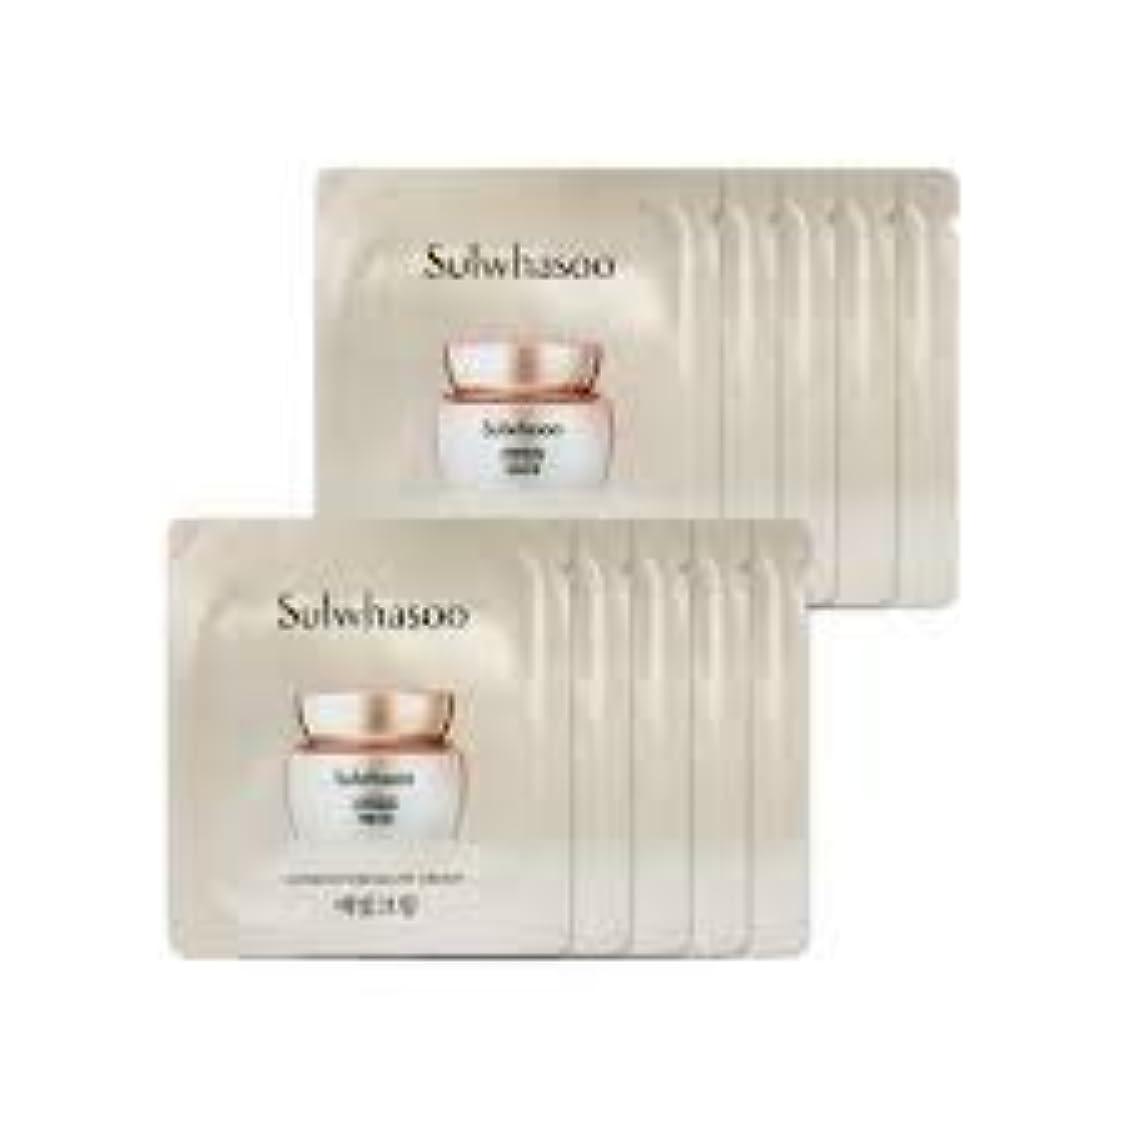 準備したストローメンバー[ソルファス ] Sulwhasoo (雪花秀) ルミナチュアグロー Luminature Glow Cream 1ml x 30 (イェビトクリーム) [ShopMaster1]